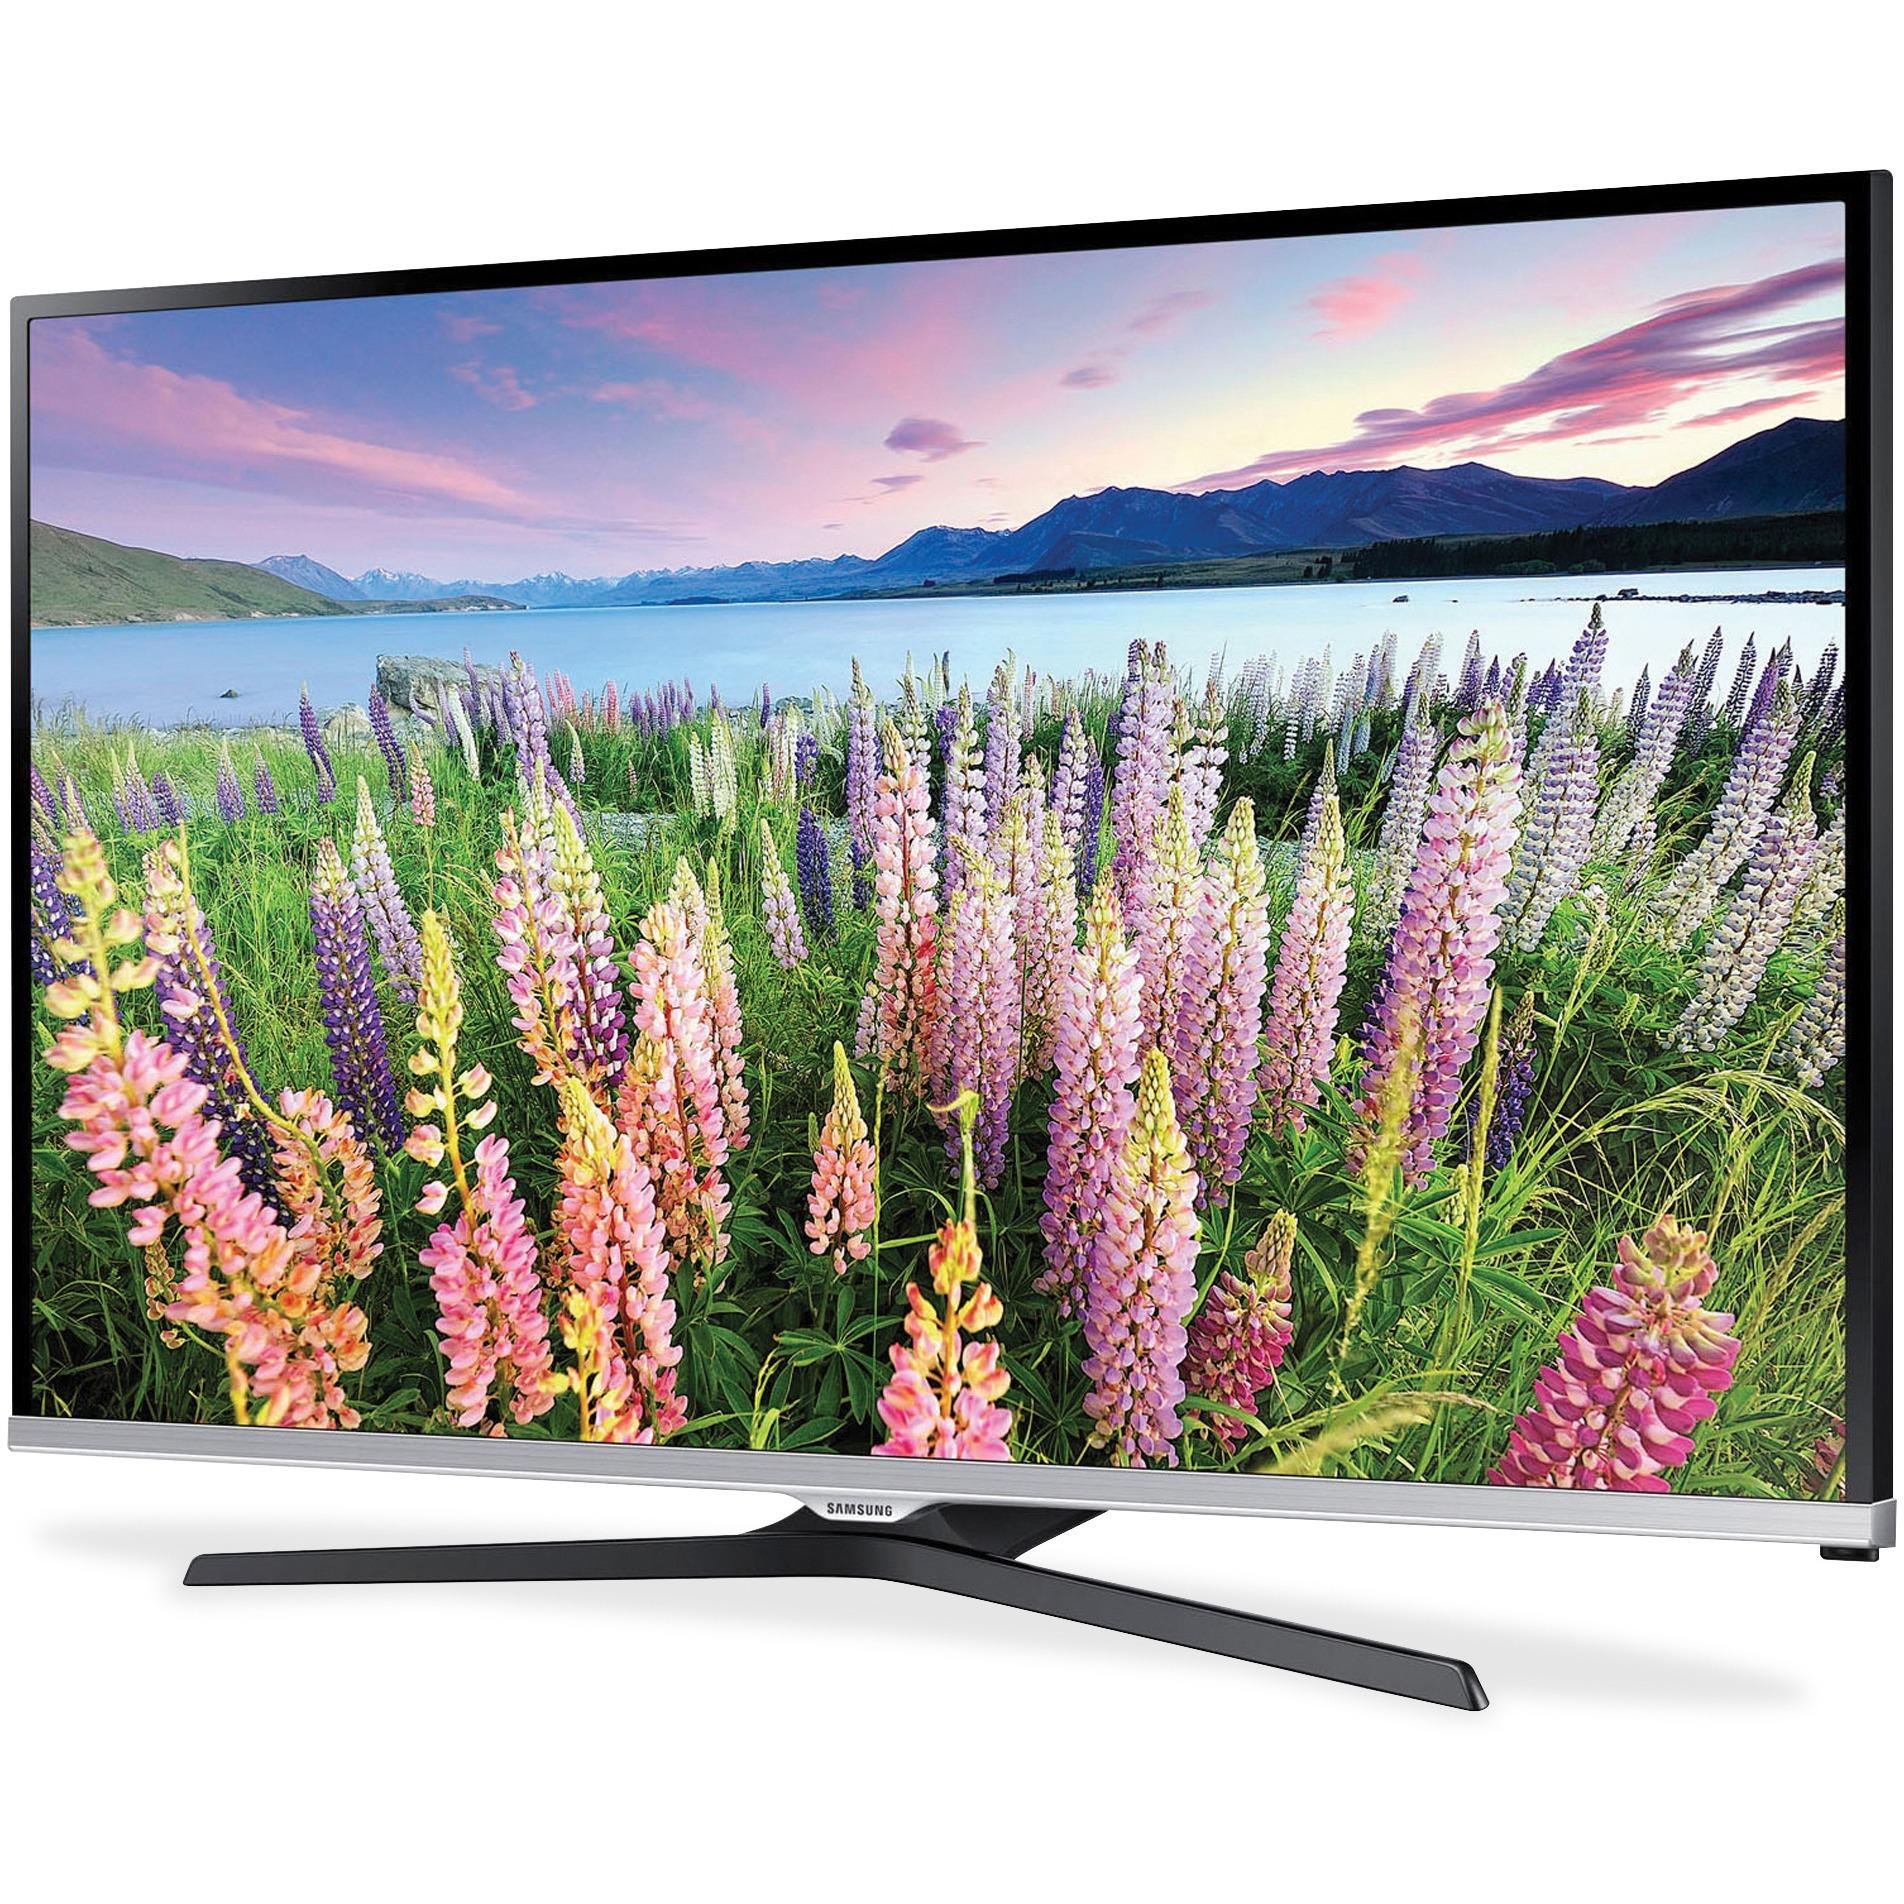 """Samsung 5200 UN43J5200AF 43"""" 1080p LED-LCD TV - 16:9 - 1920 x 1080 - LED - Smart TV - Wireless LAN - SASUN43J5200AF"""